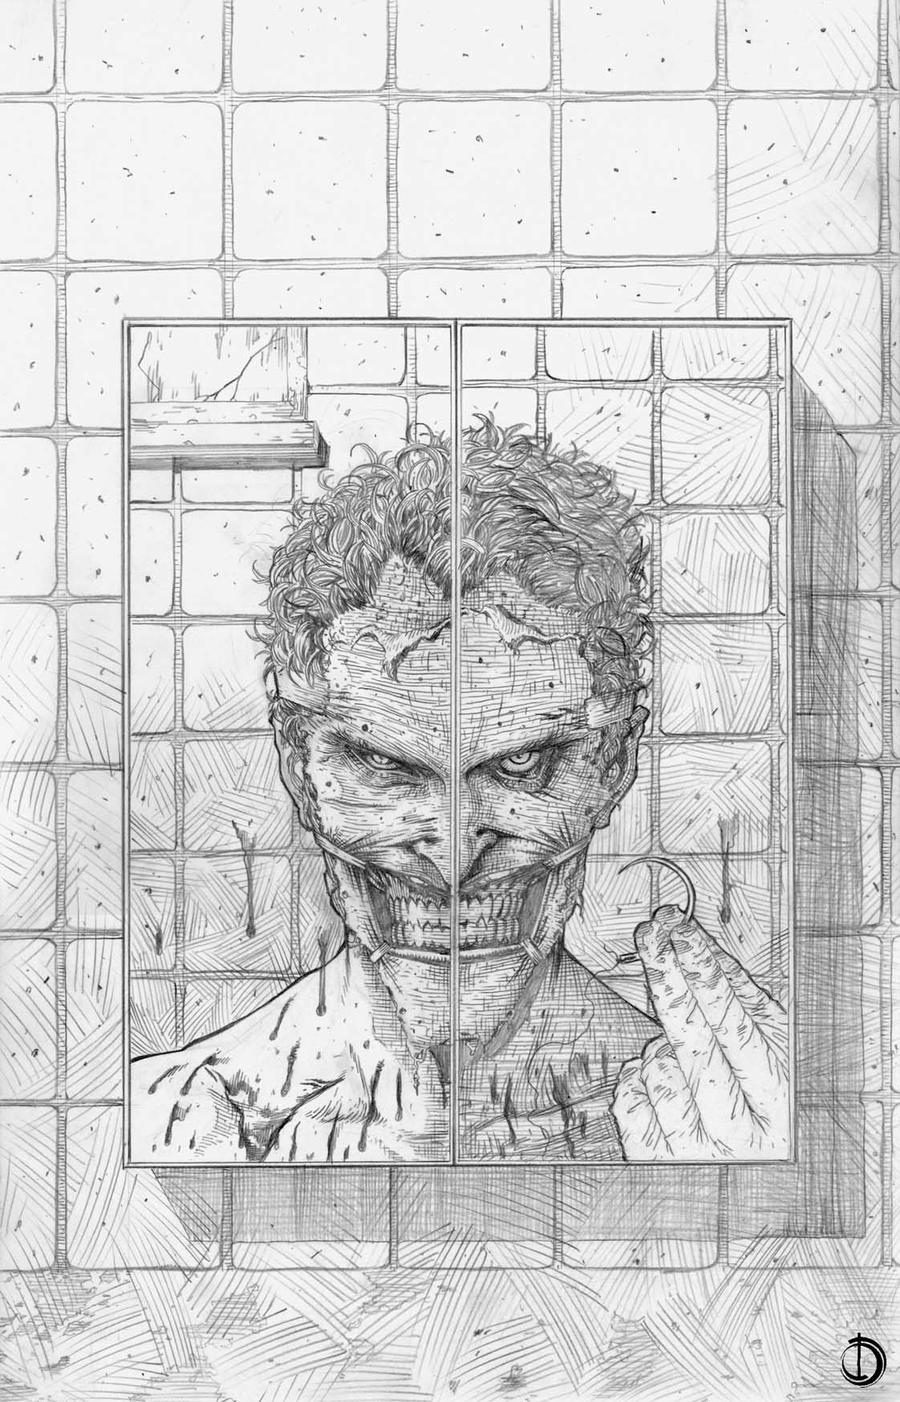 The Joker by santiagocomics